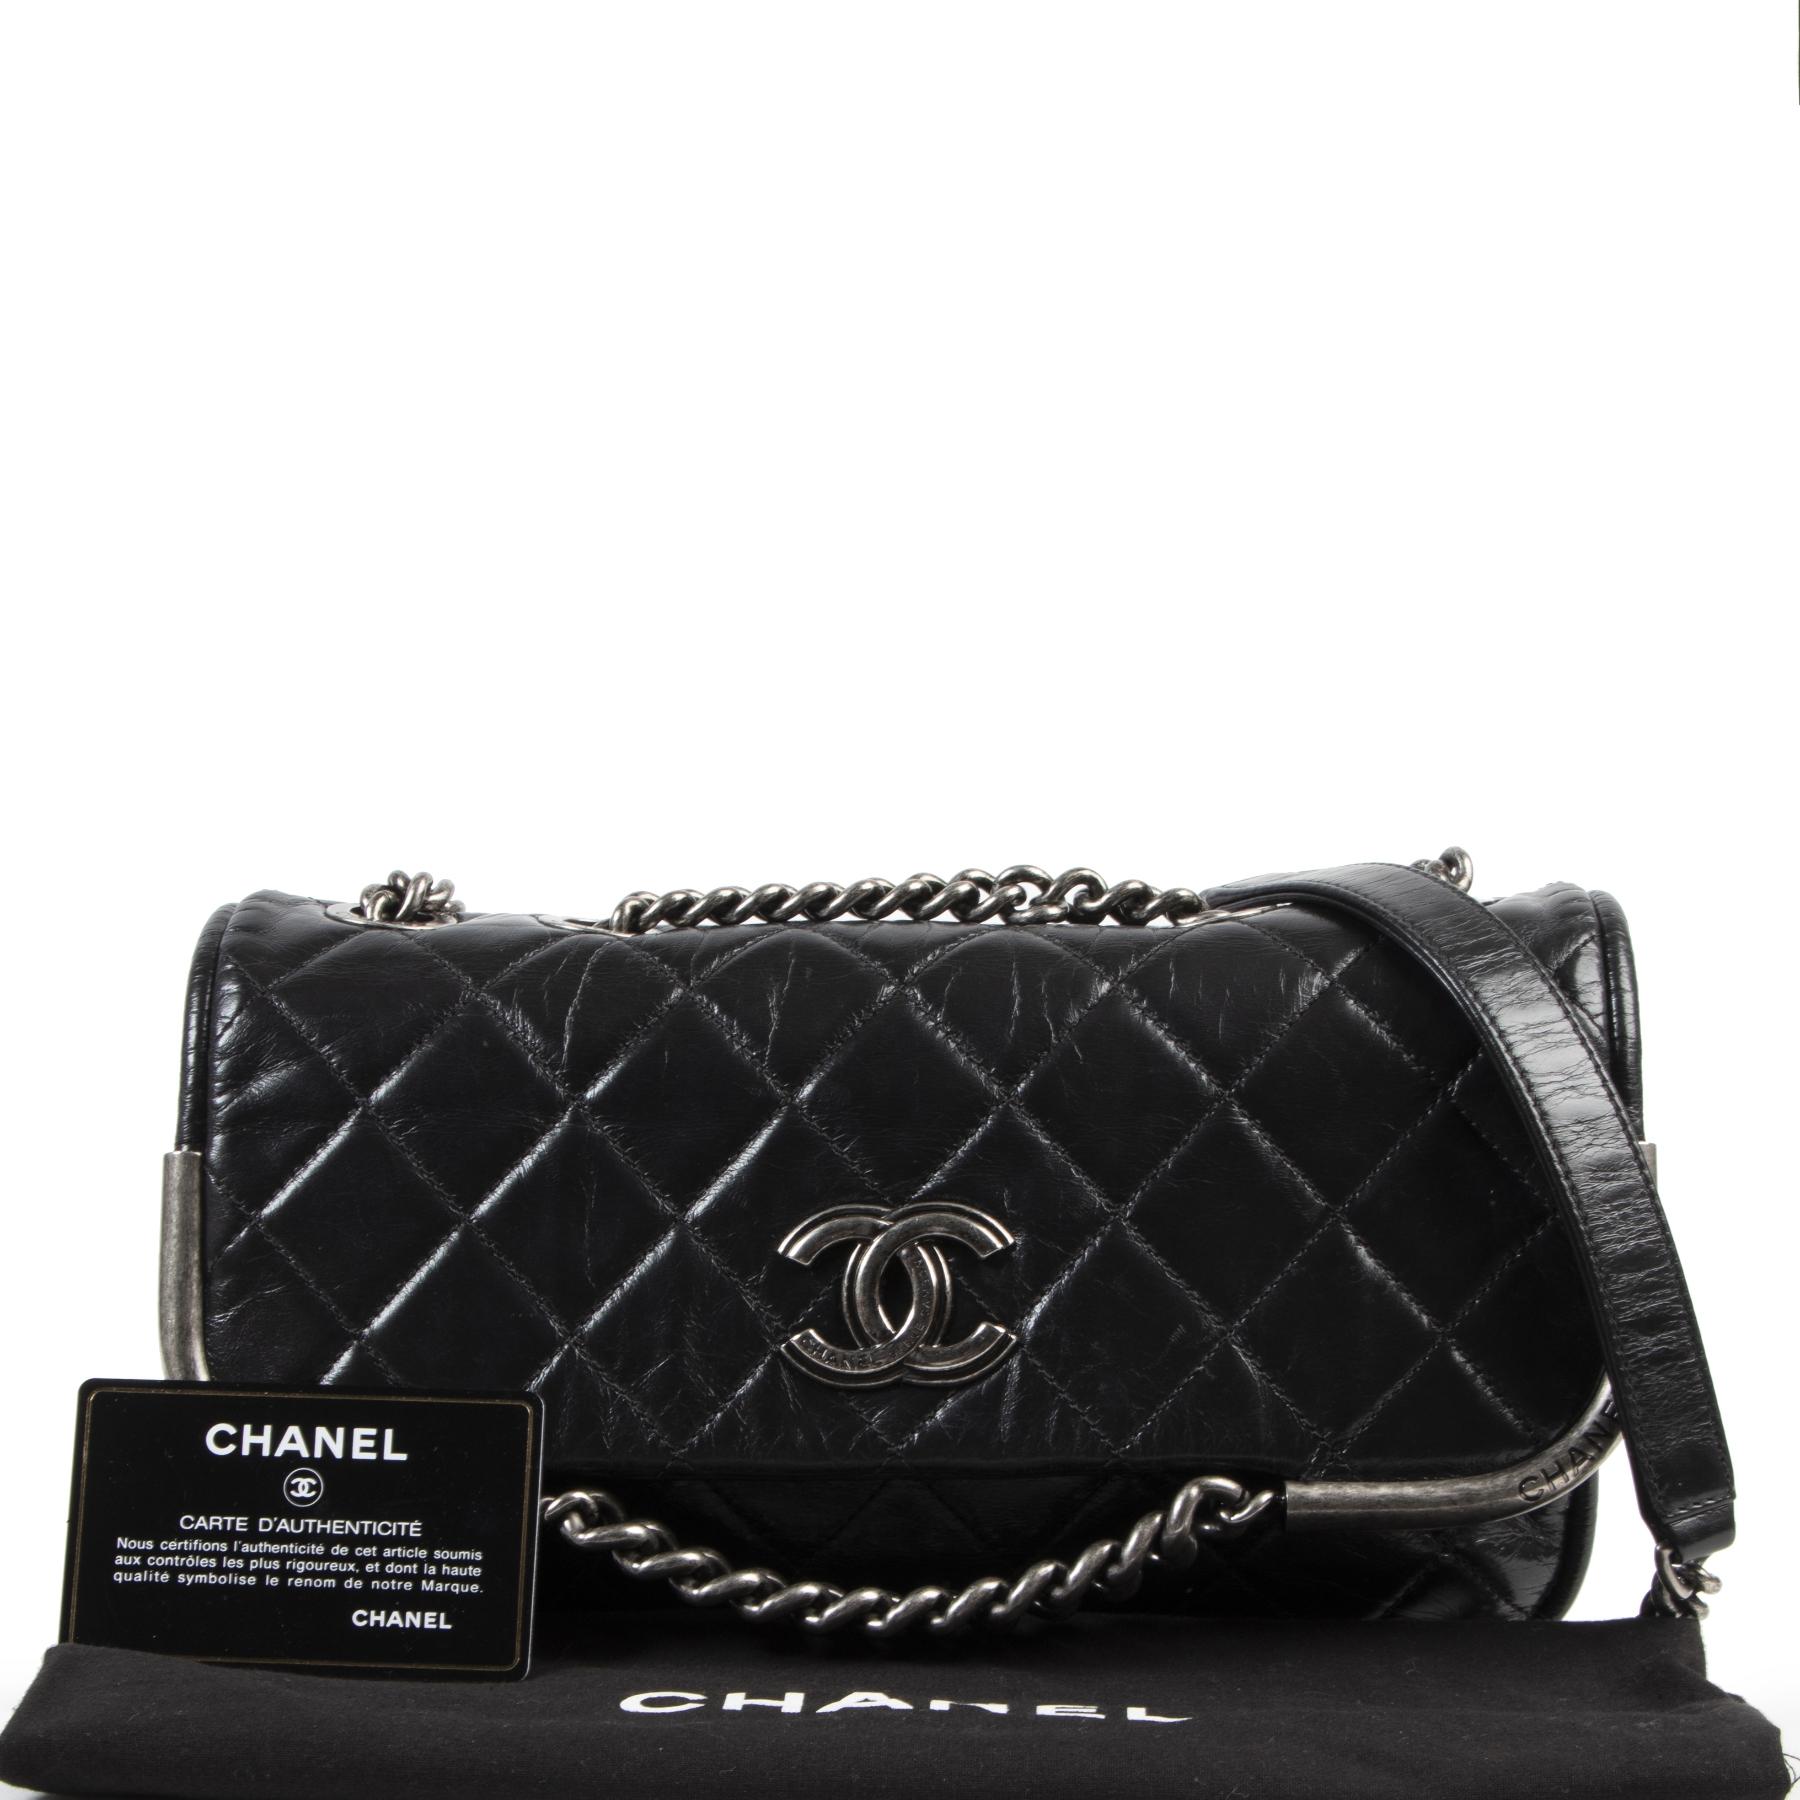 Authentieke tweedhehands vintage Chanel Black Distressed Leather Shoulder Bag koop online webshop LabelLOV